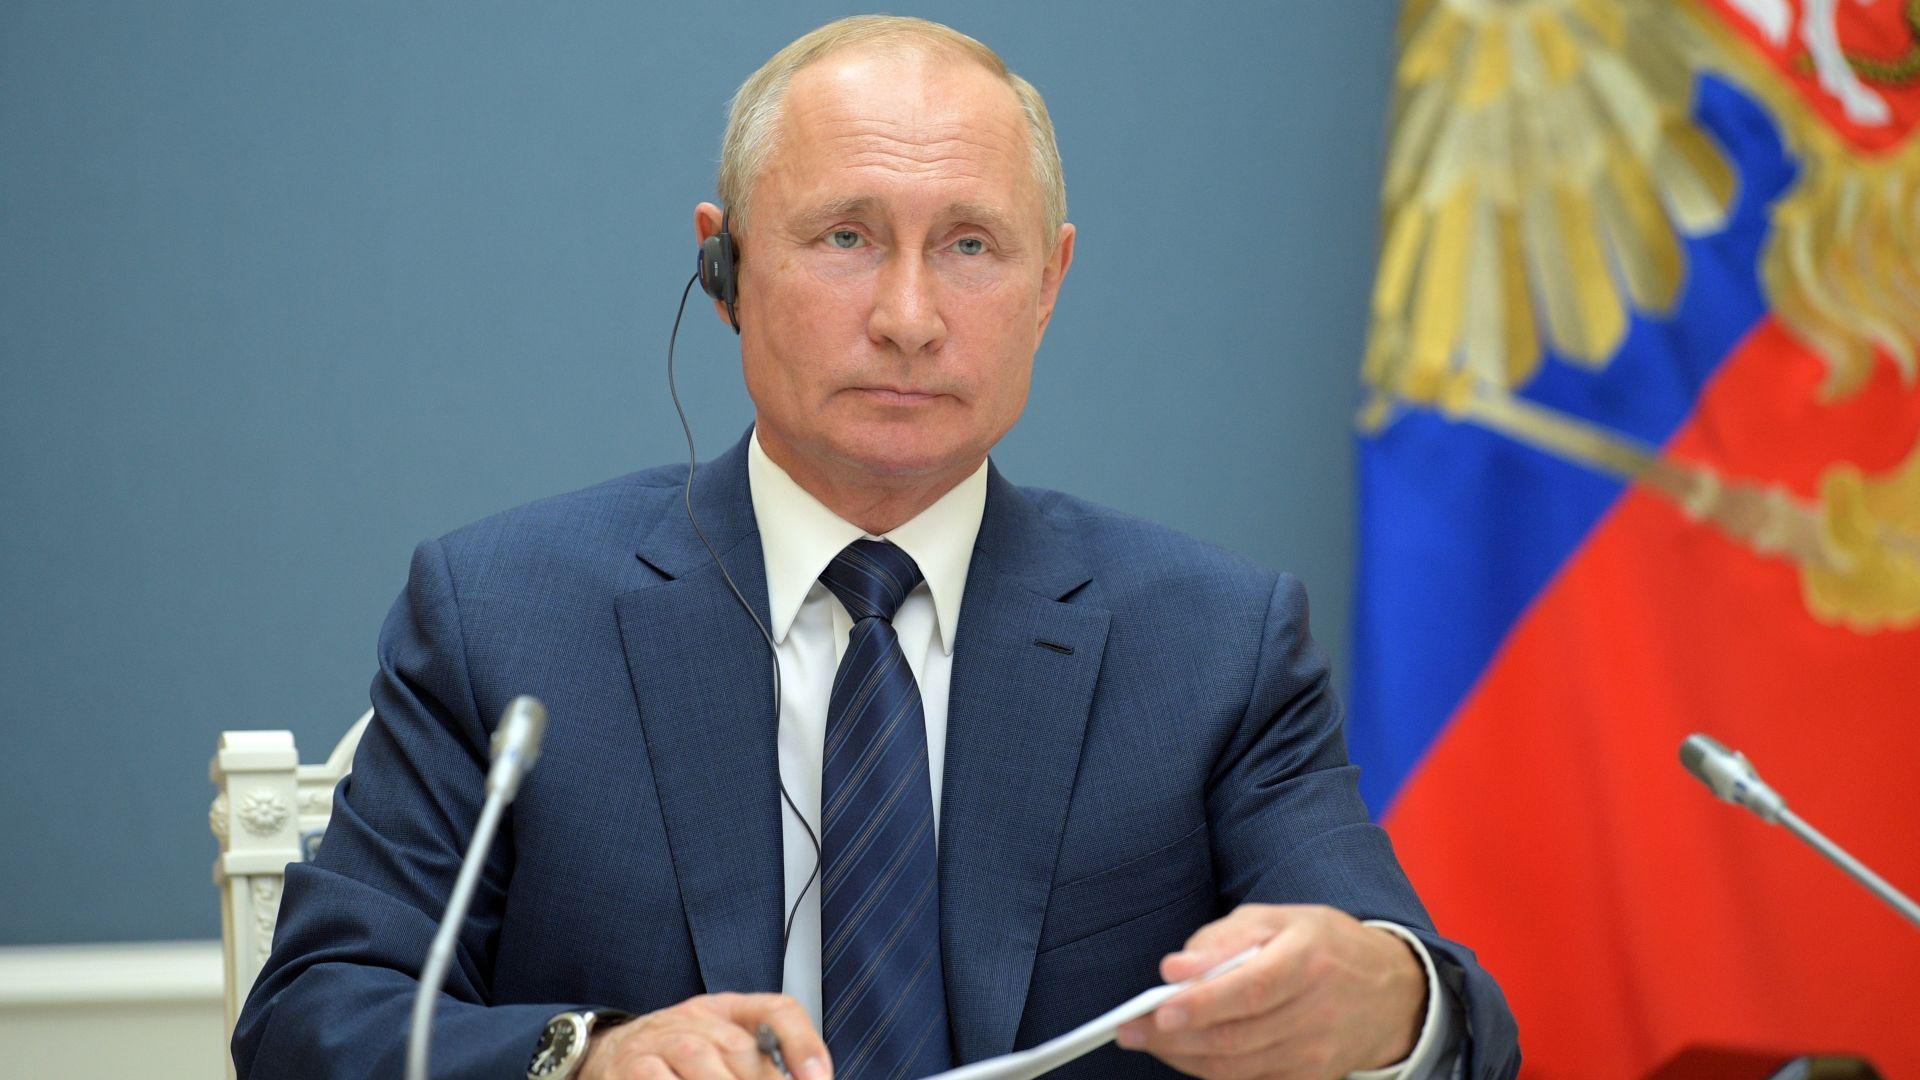 Путин, Ердоган и Рохани във видеовръзка за Сирия: Не на печалбите от незаконно заграбване на петрол